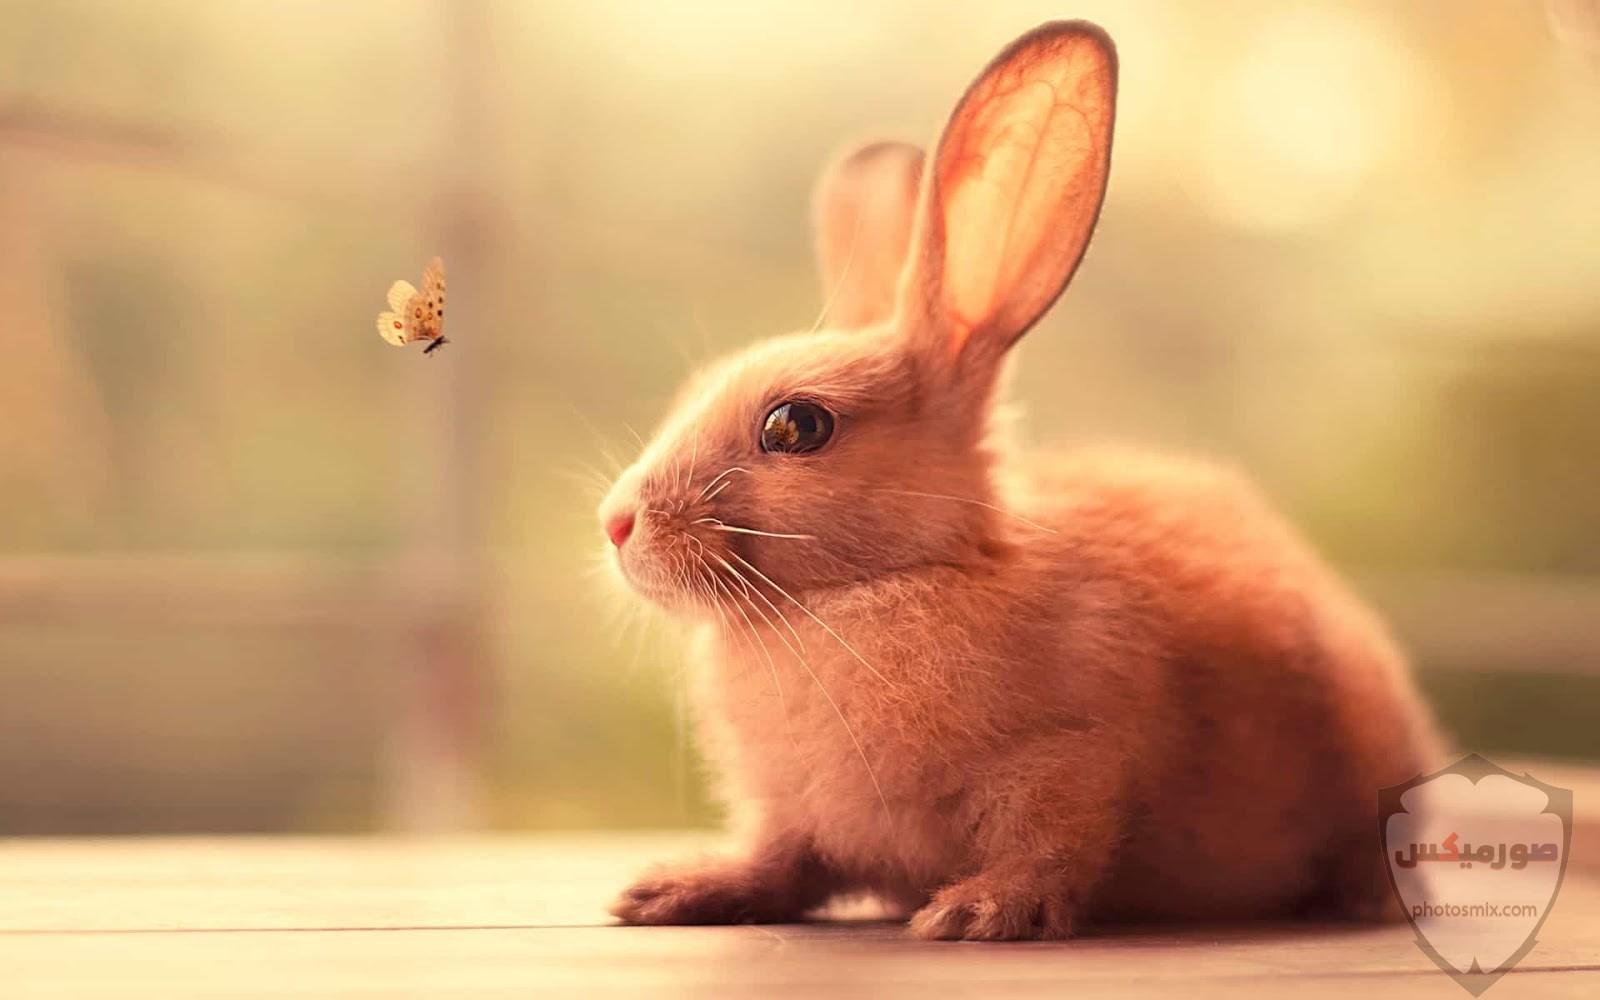 صور رمزيات حيوانات قطط كلاب ارانب كيوت خلفيات حيوانات جميلة للفيس بوك 22